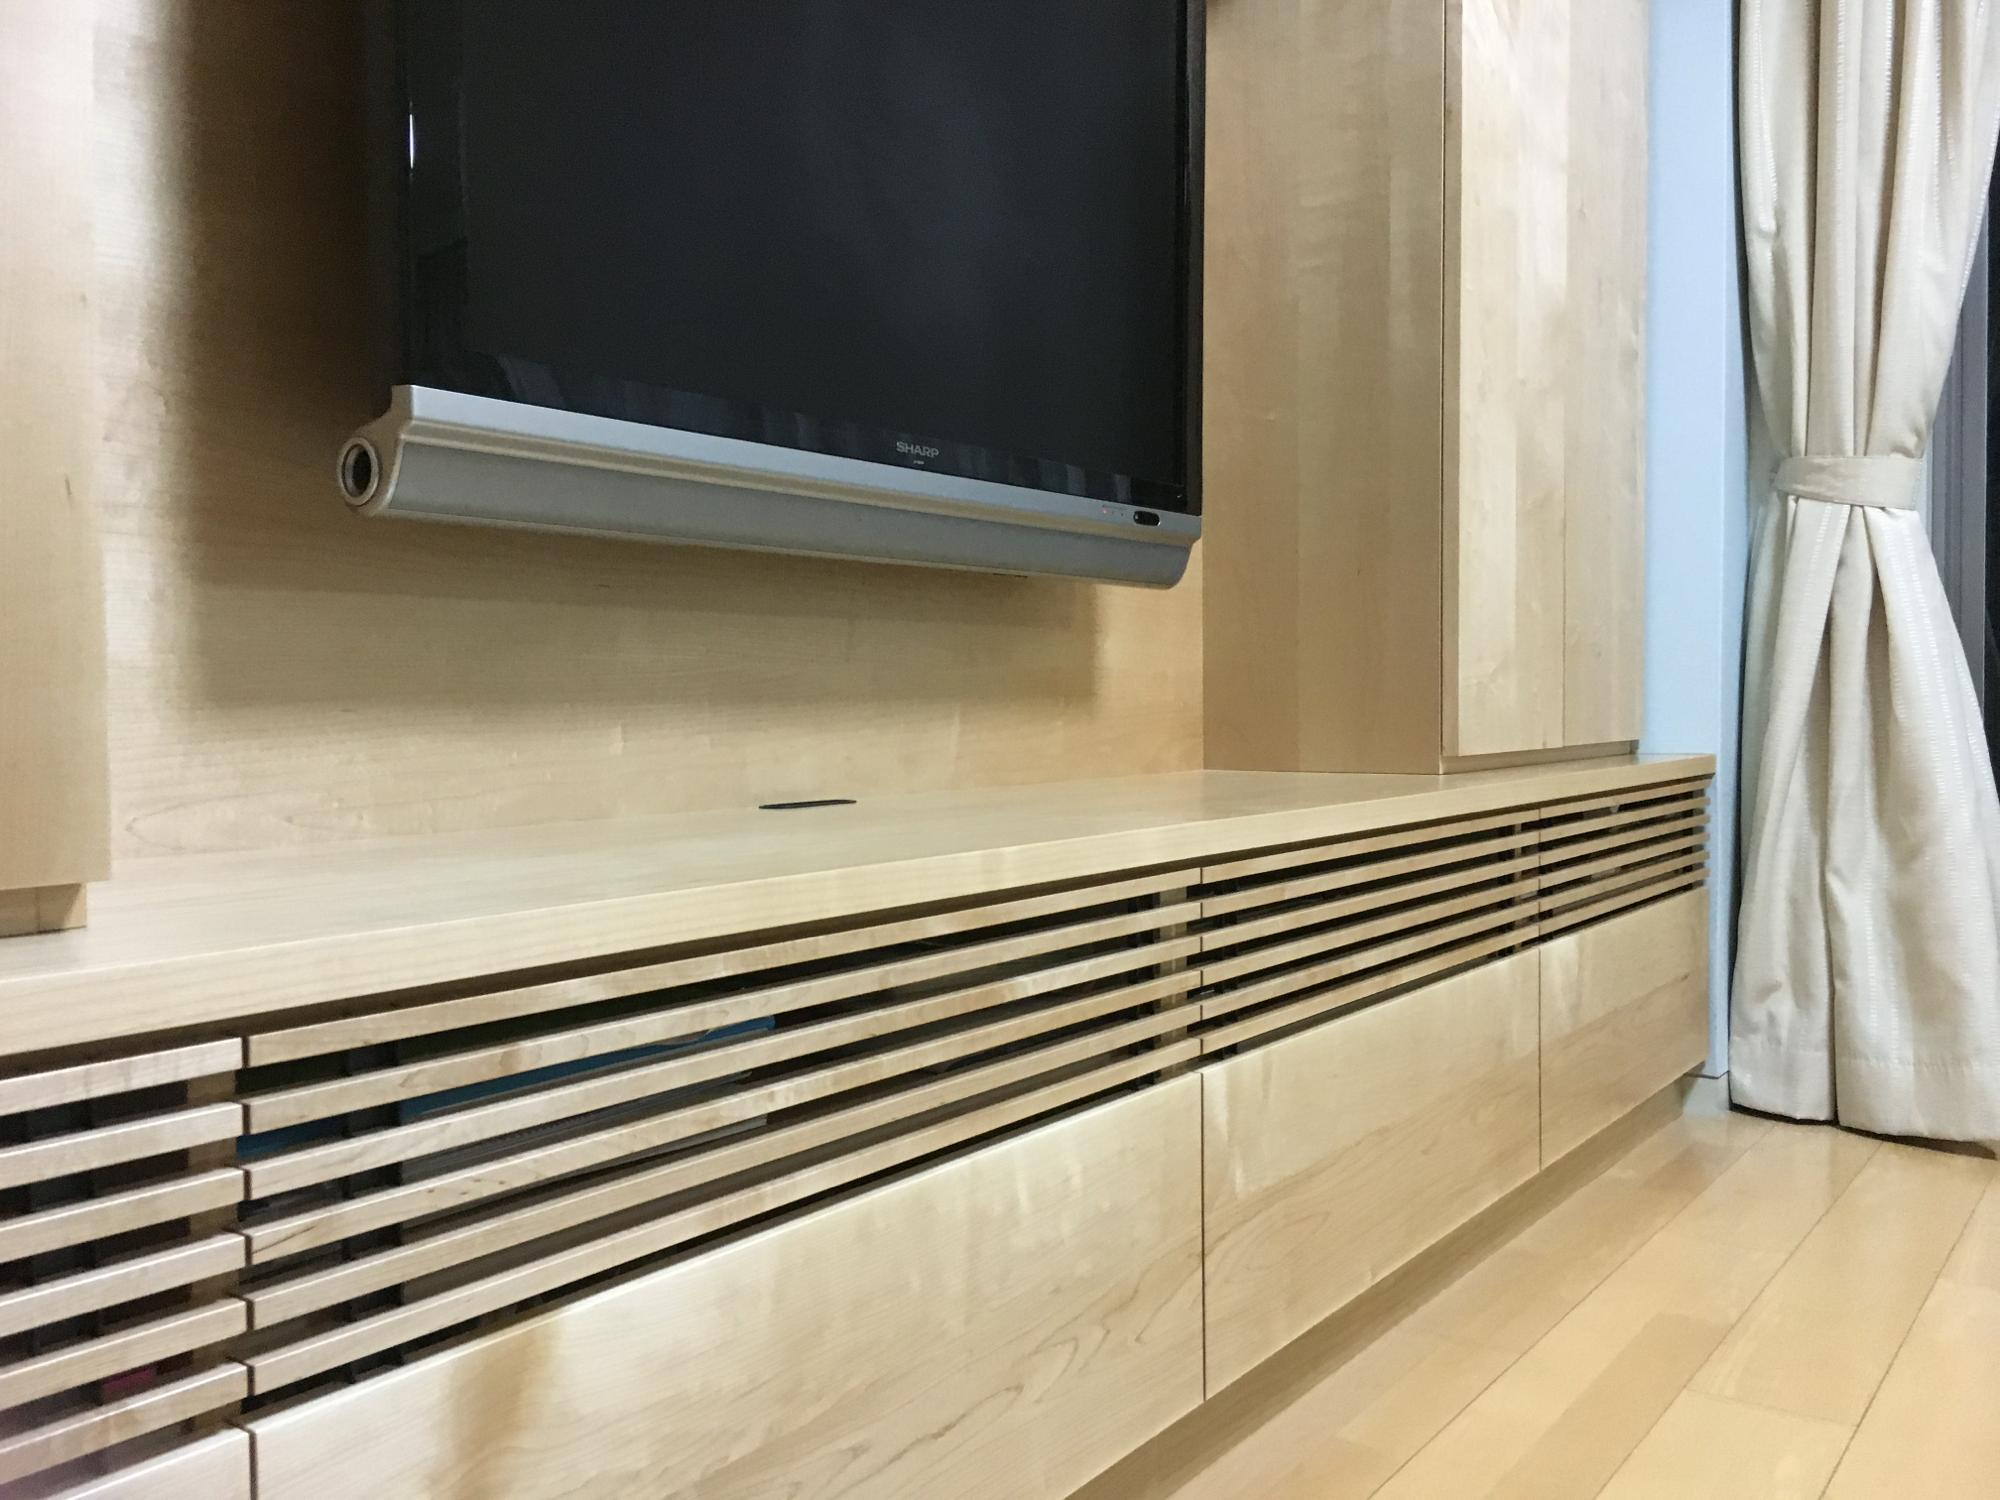 ルーバー メープル 壁面収納 オーダー家具